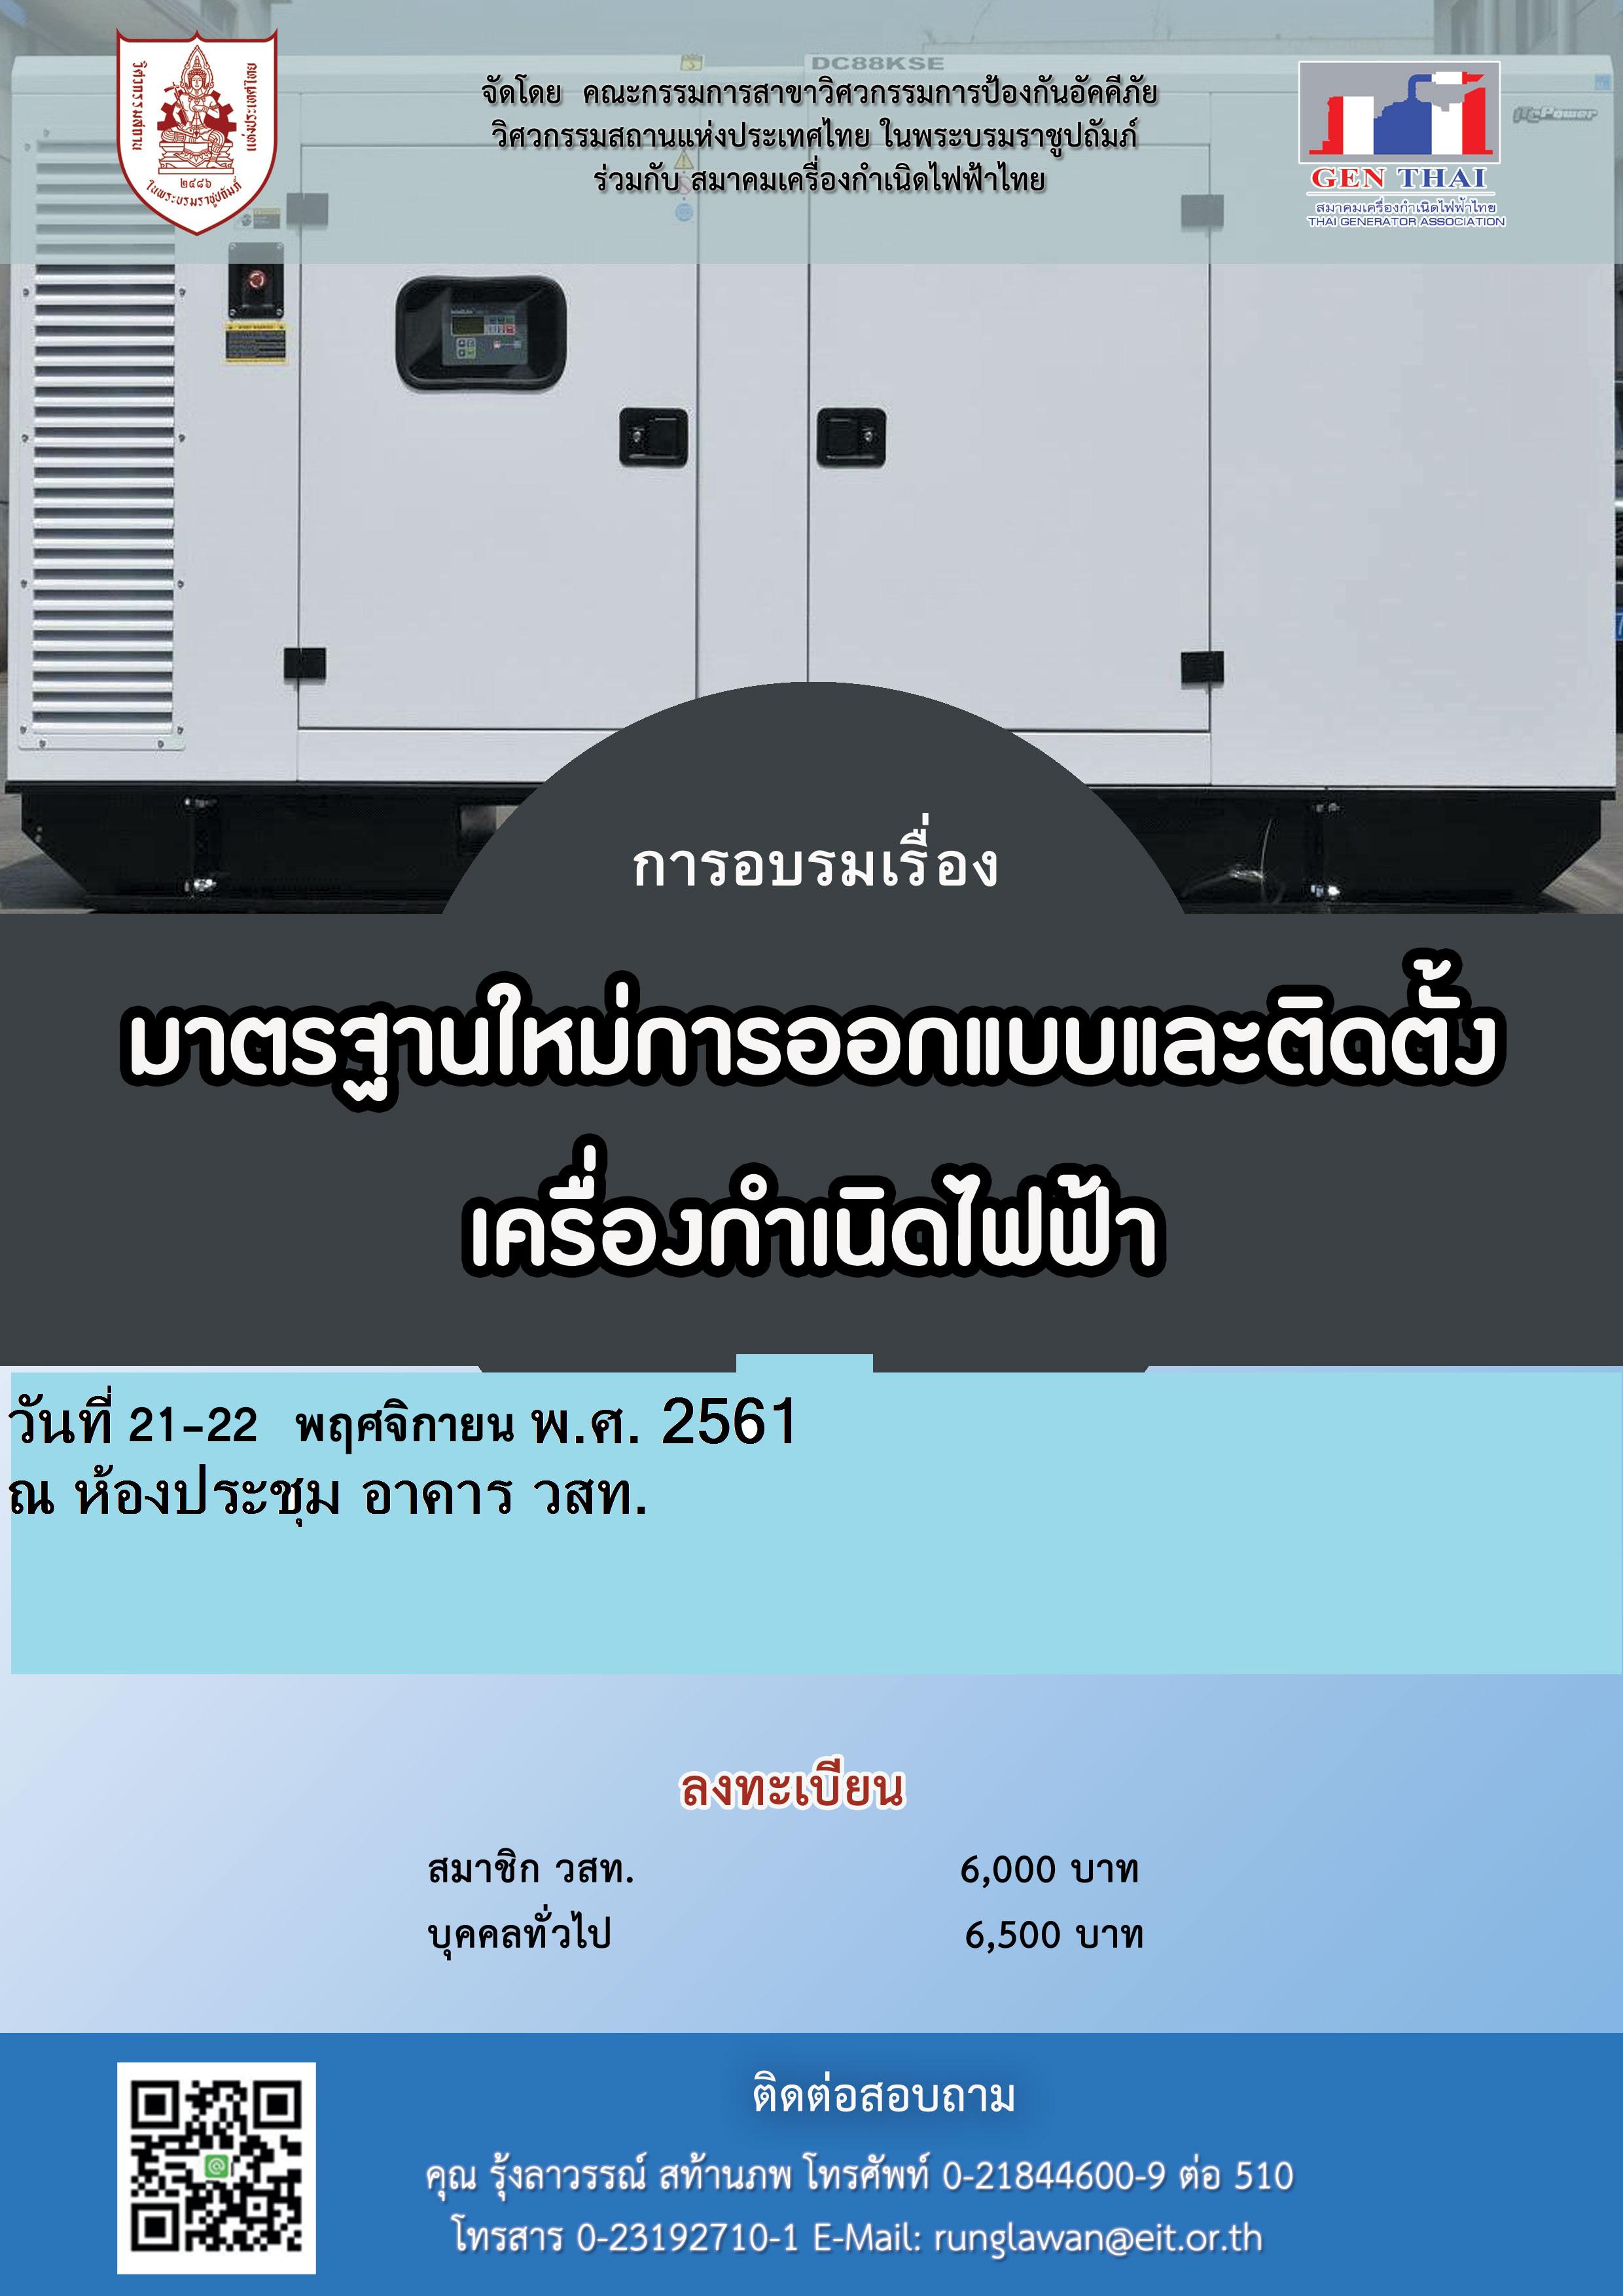 21-22/11/2561 การอบรมเรื่อง มาตรฐานใหม่การออกแบบและติดตั้งเครื่องกำเนิดไฟฟ้า รุ่นที่ 11